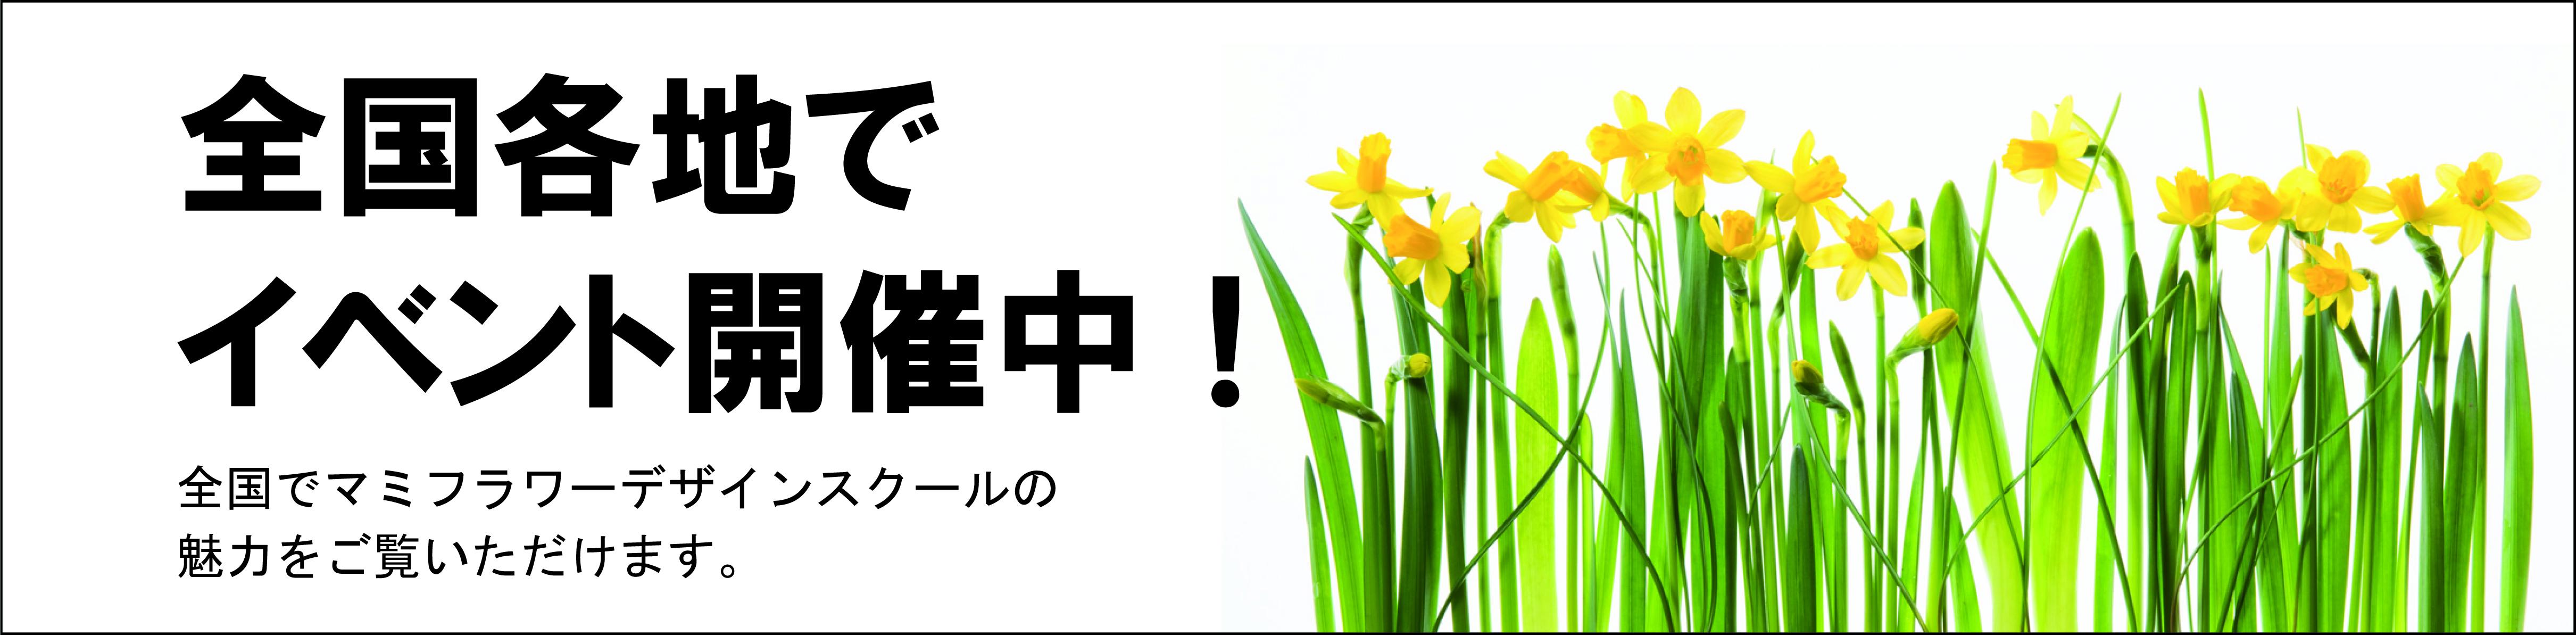 全国教室イベント開催中!